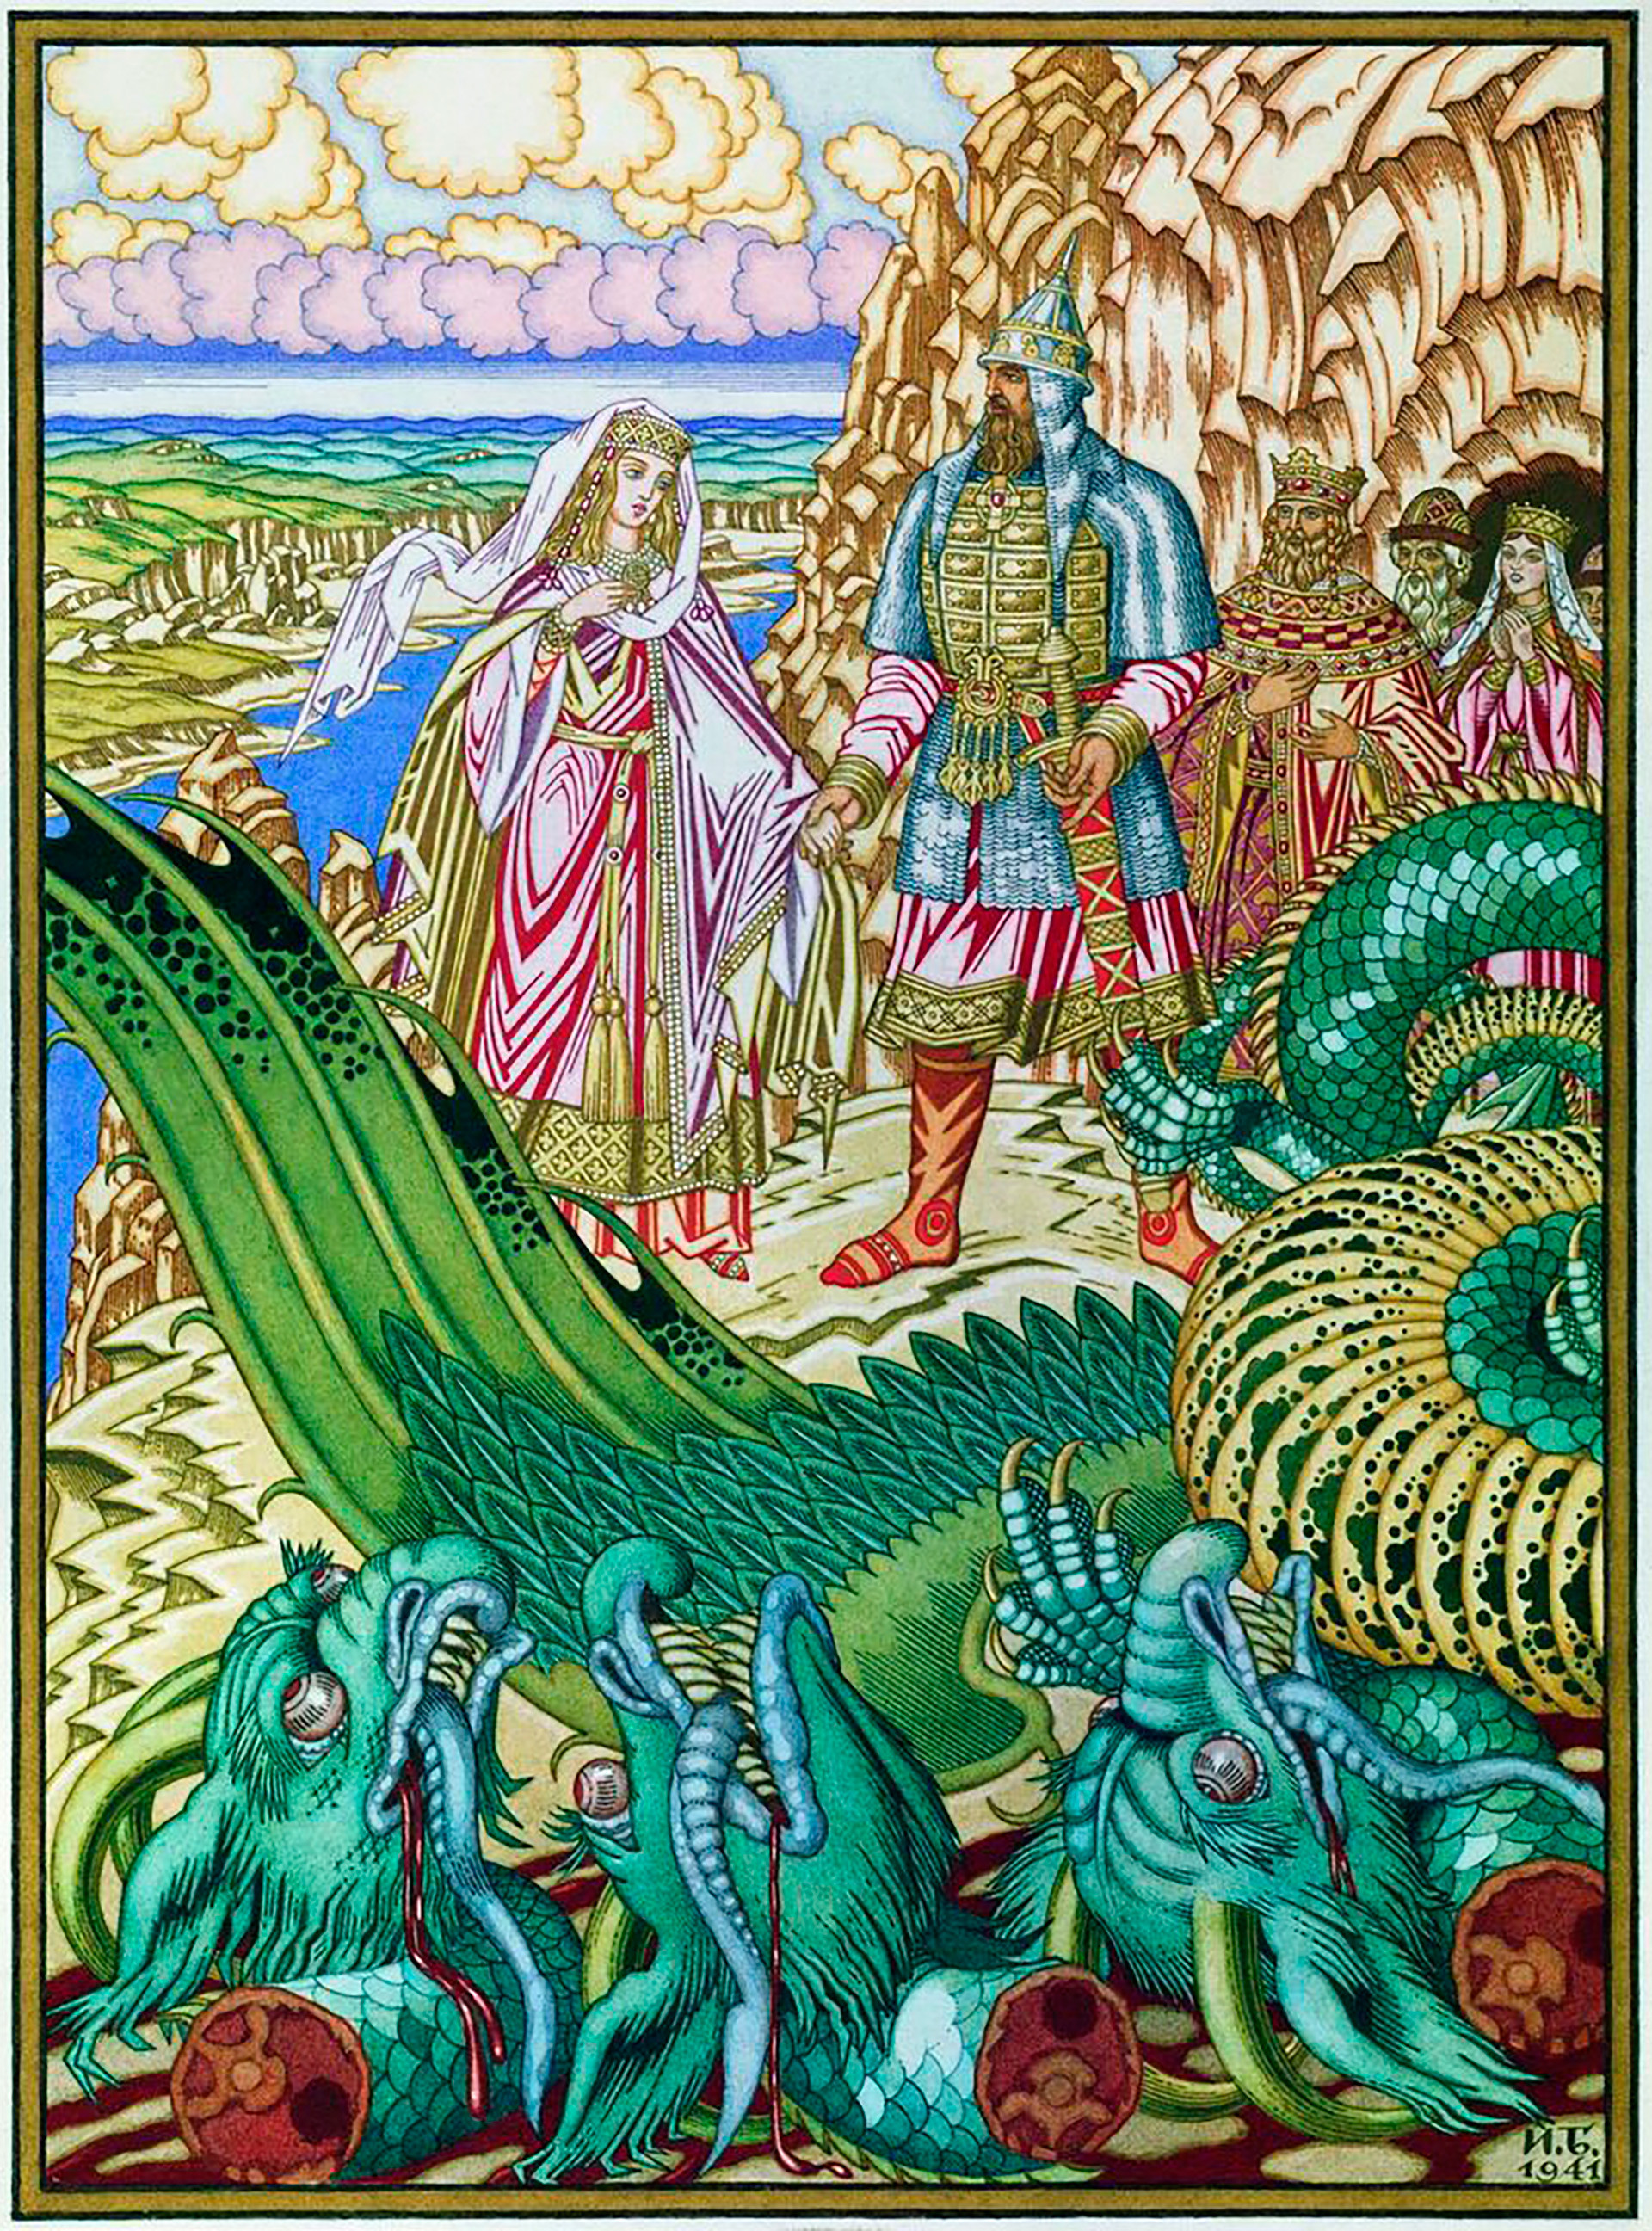 Ivan Bilibin. Dobrynya Nikitich membebaskan Zabava Putyatichna dari Zmey Gorynych. Sebuah ilustrasi oleh N.V. Vodovozov untuk untuk kumpulan dongeng.